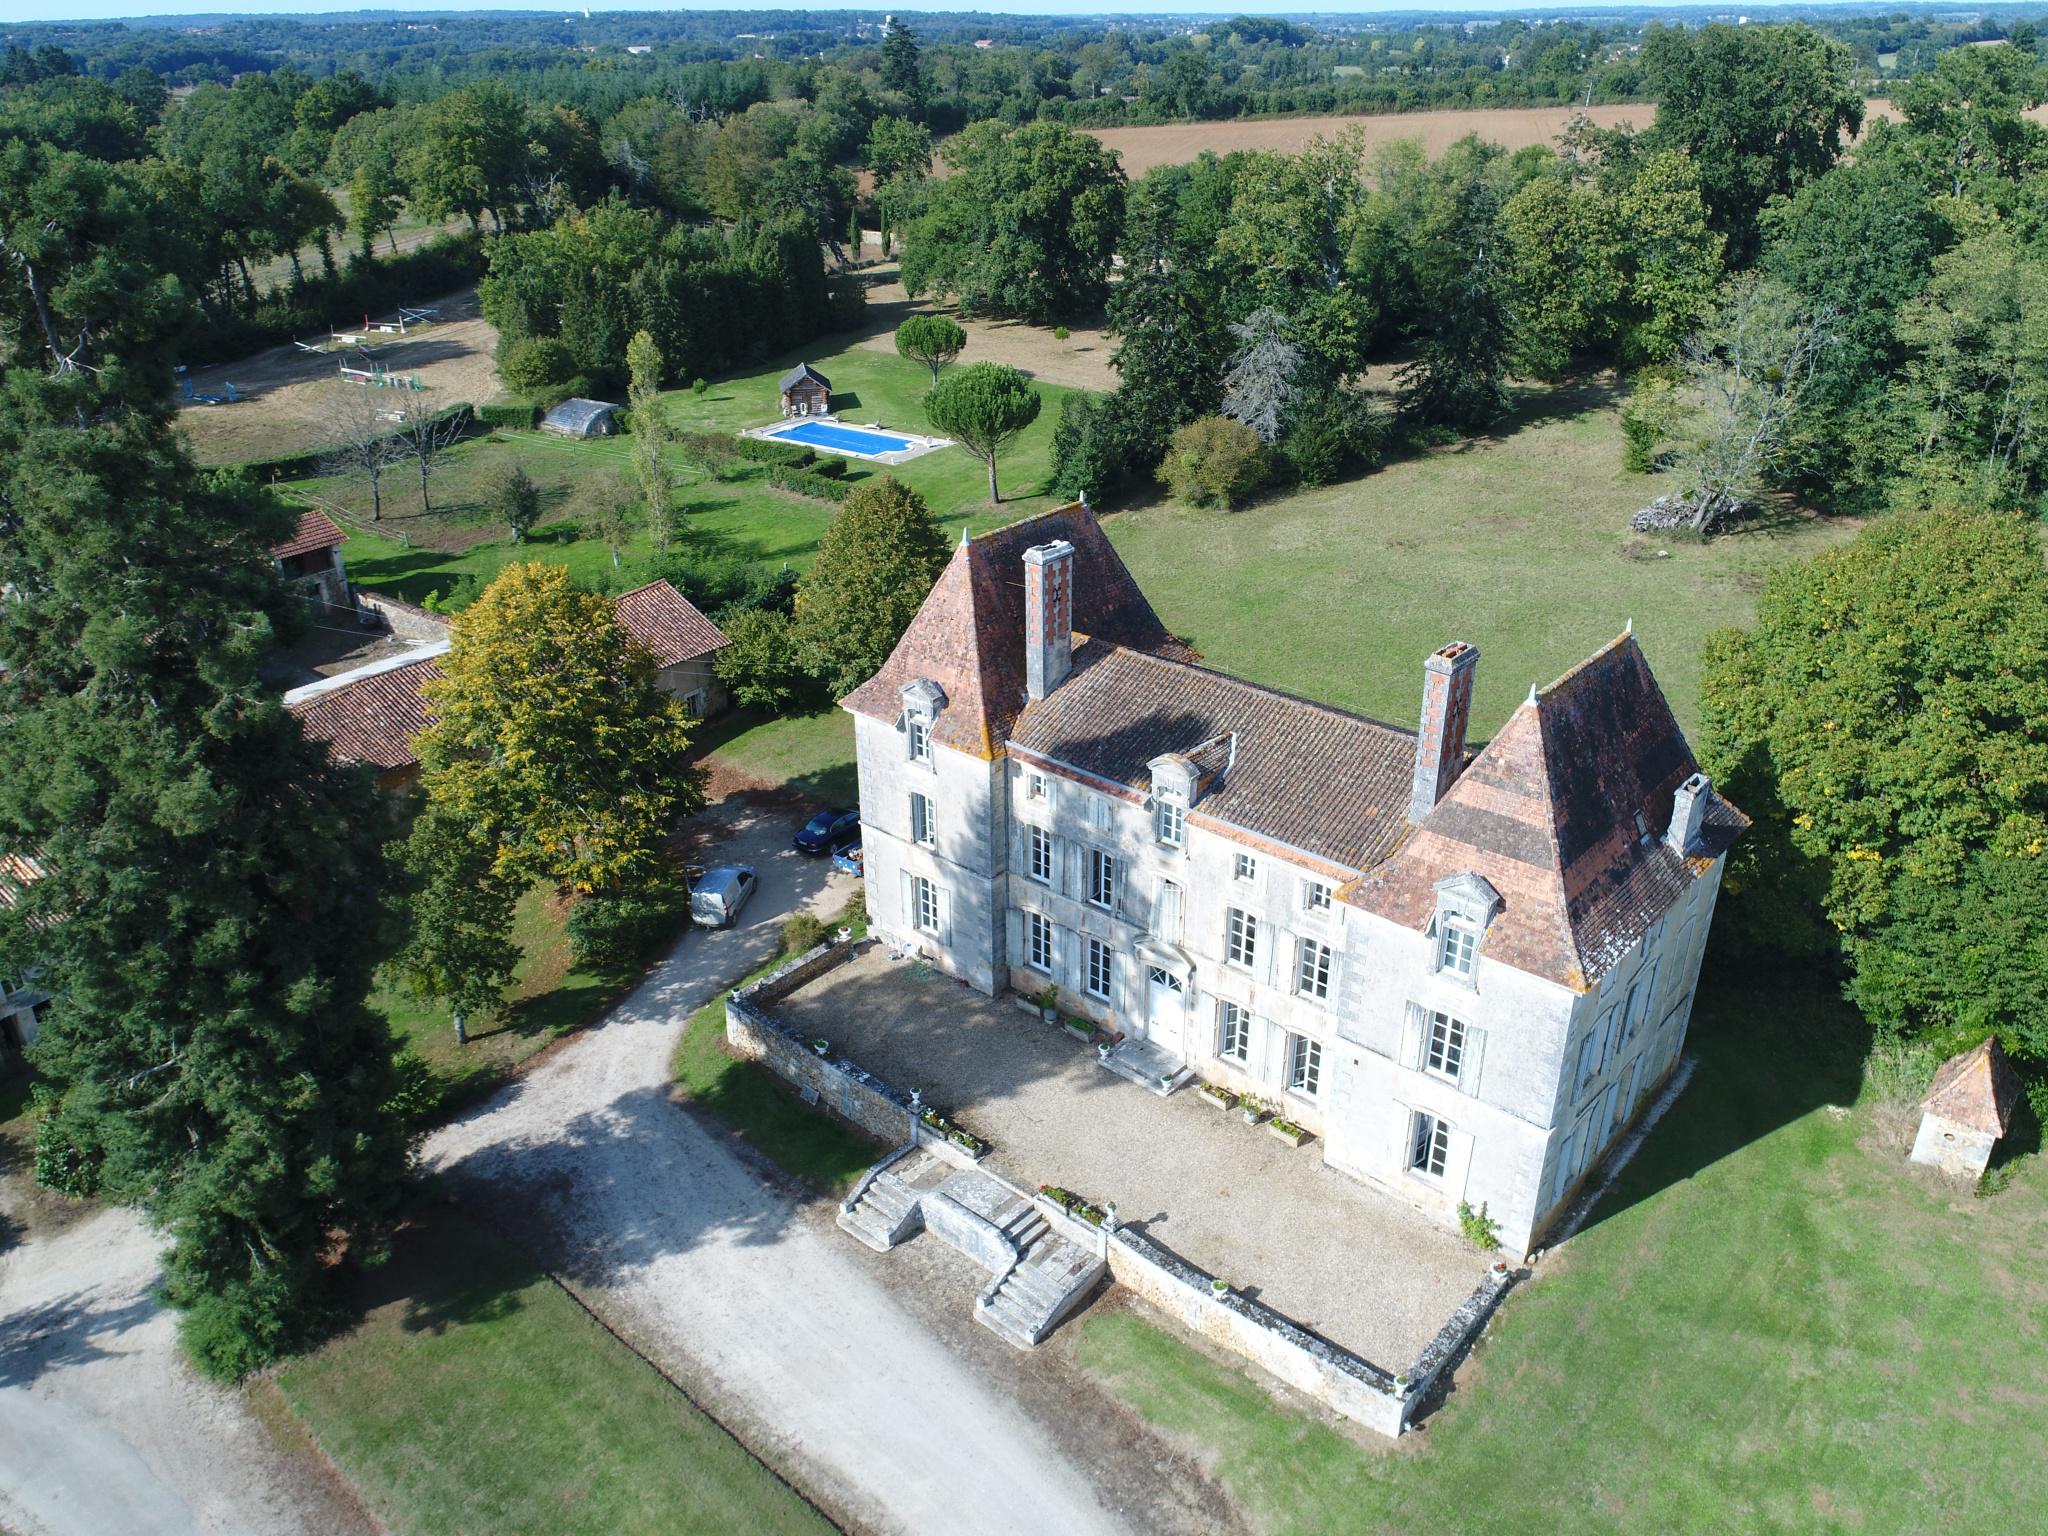 maison villa vente france m tres carr s 553 dans le domaine de charente ref 9224